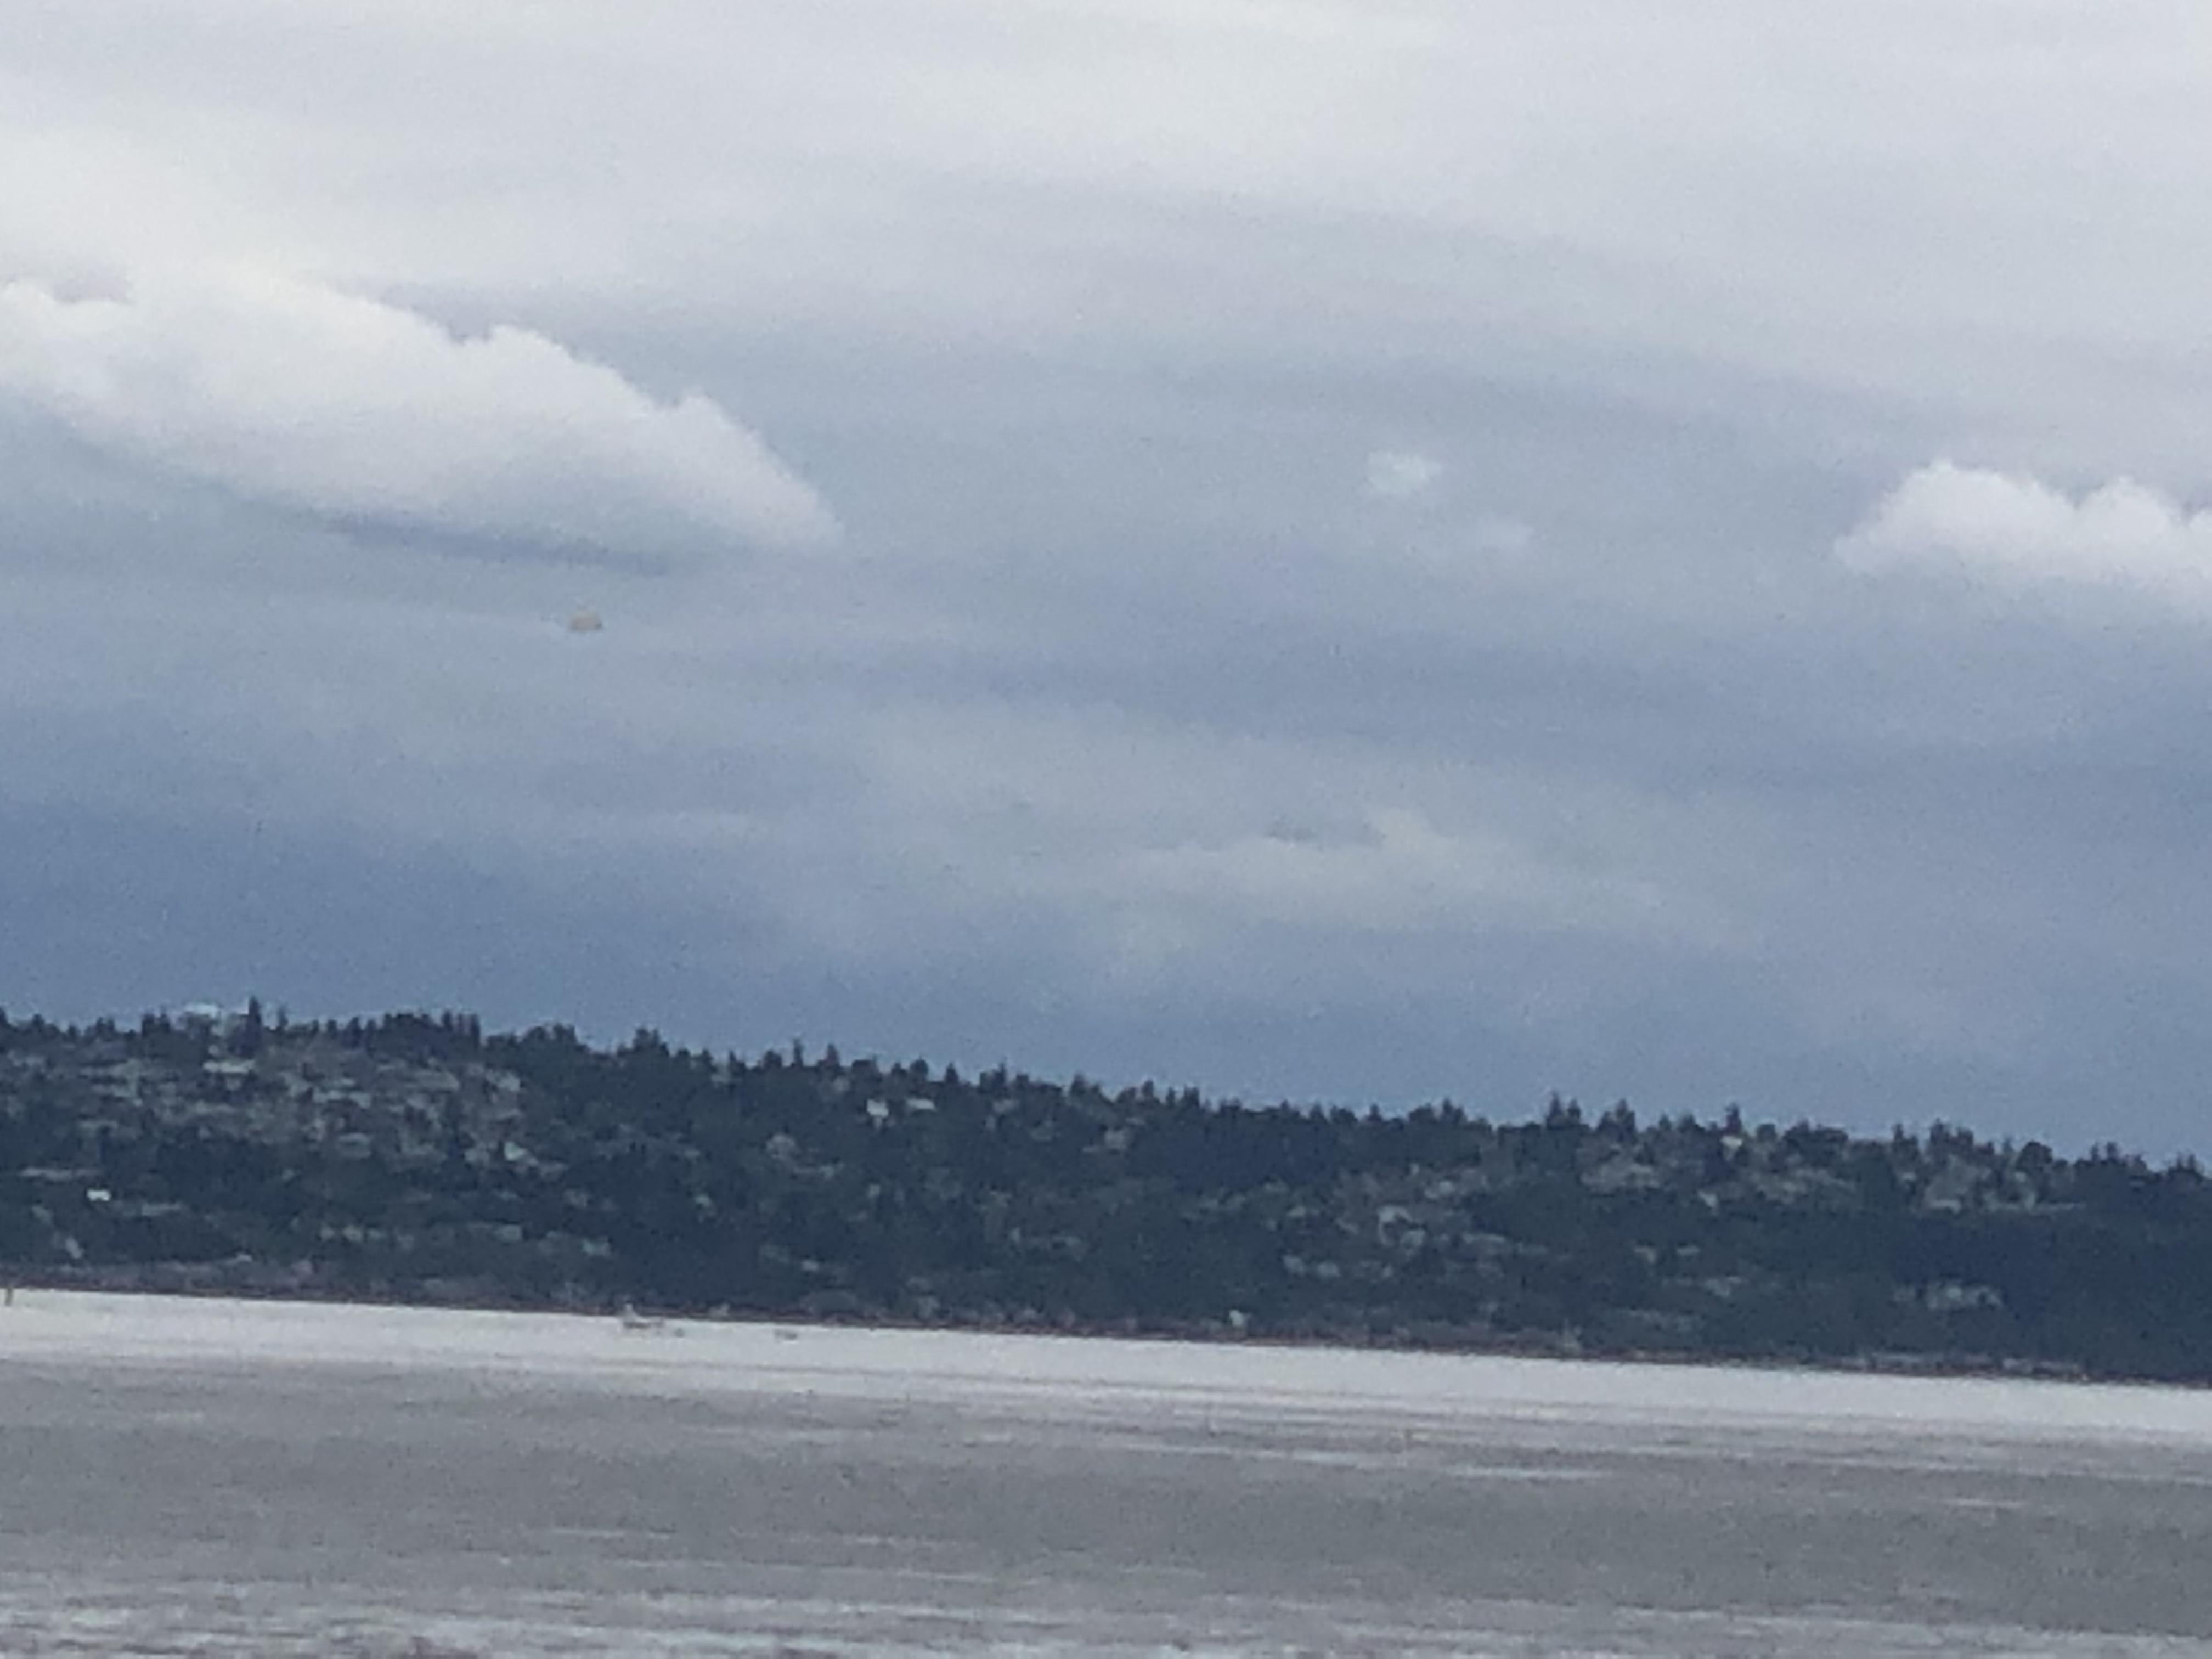 Bainbridge Island, Washington (United States)